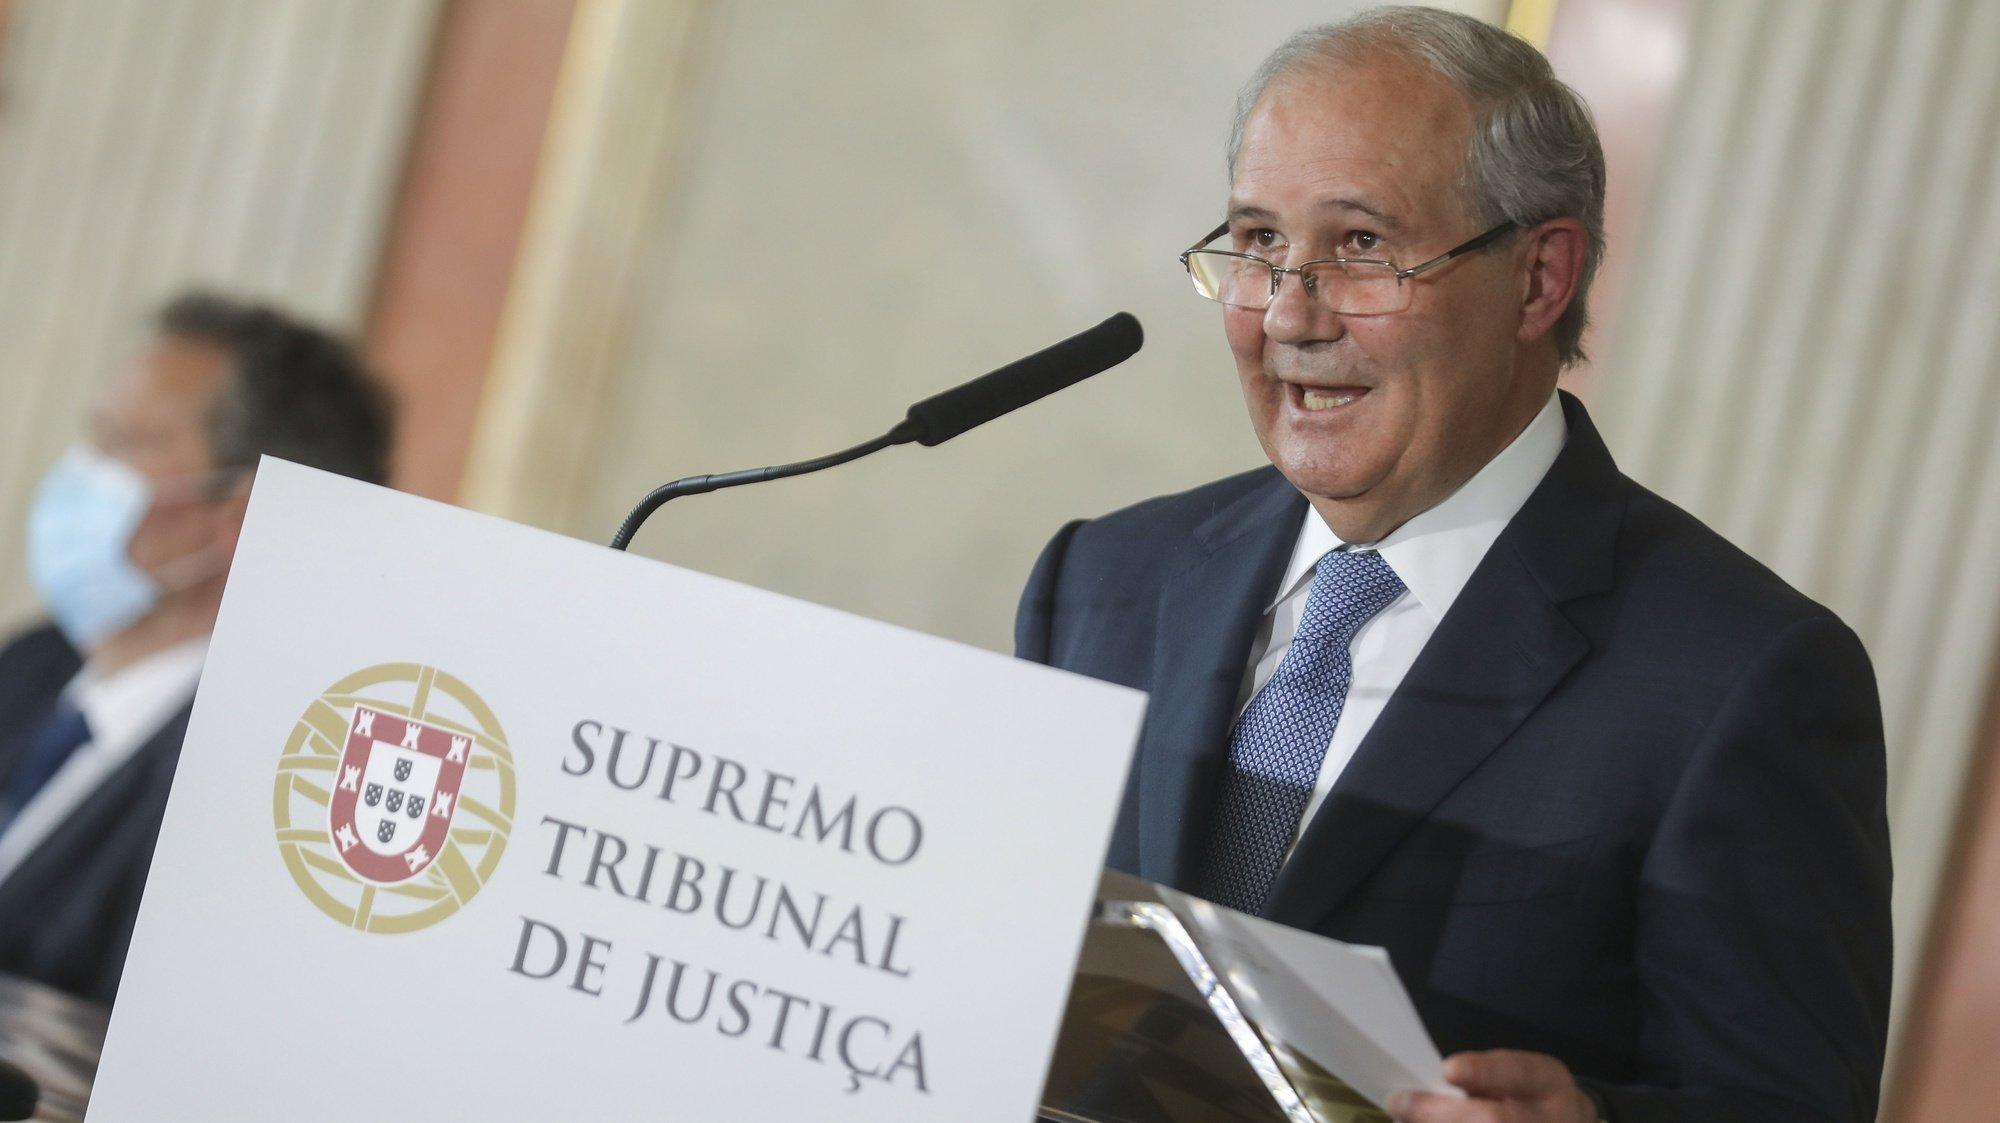 O presidente do Supremo Tribunal de Justiça (STJ), António Joaquim Piçarra, intervém durante a cerimónia de reinauguração das instalações do Supremo Tribunal de Justiça, em Lisboa, 13 de maio de 2021. MIGUEL A. LOPES/LUSA